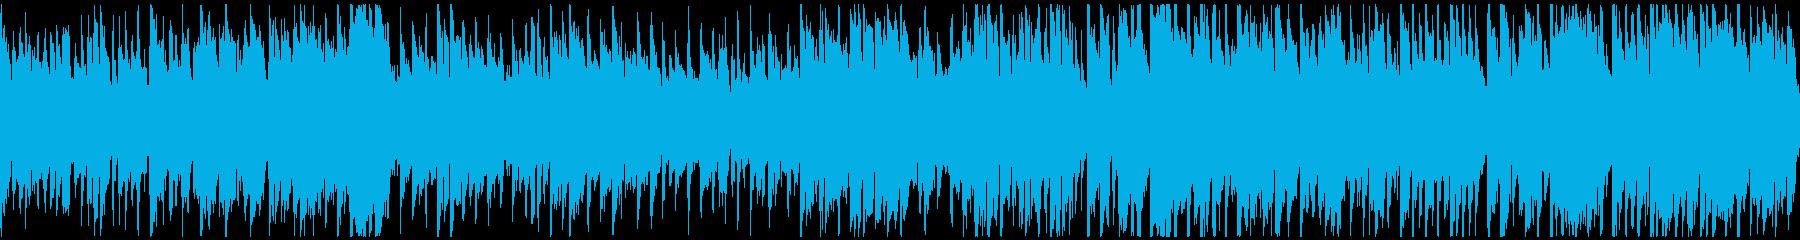 楽しく軽やかで弾むようなBGM※ループ版の再生済みの波形